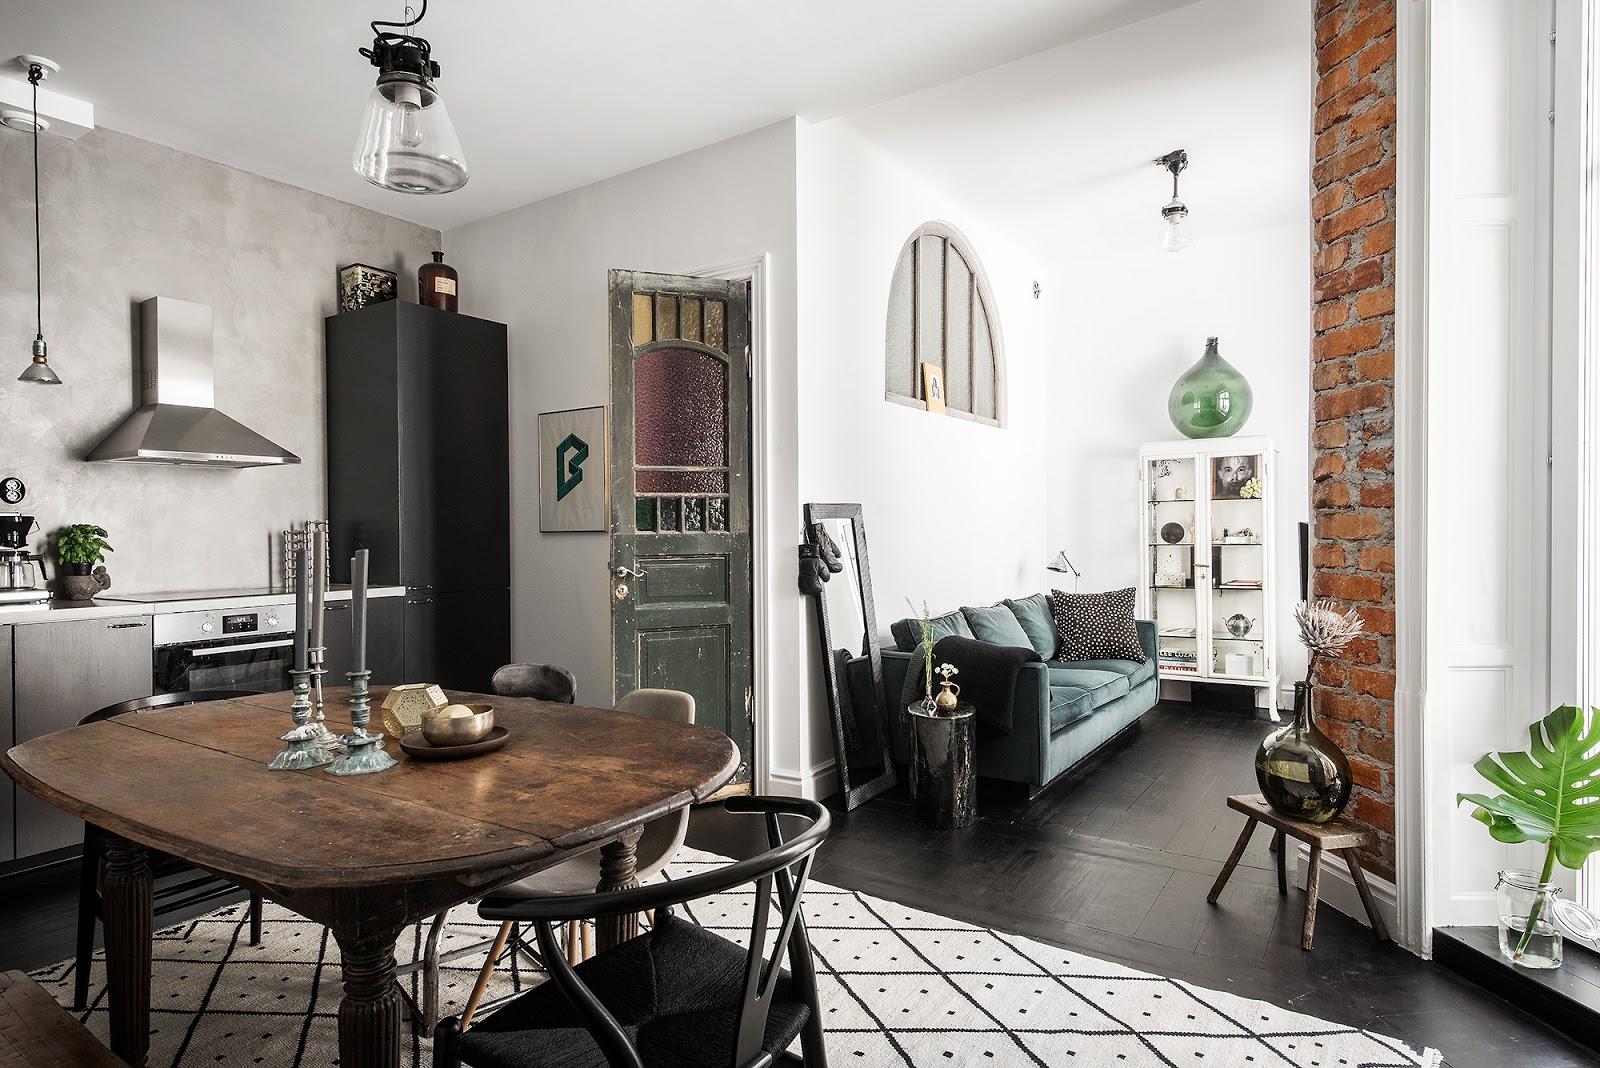 Mobilier second-hand și o amenajare eclectică pentru un apartament de numai 42 m²